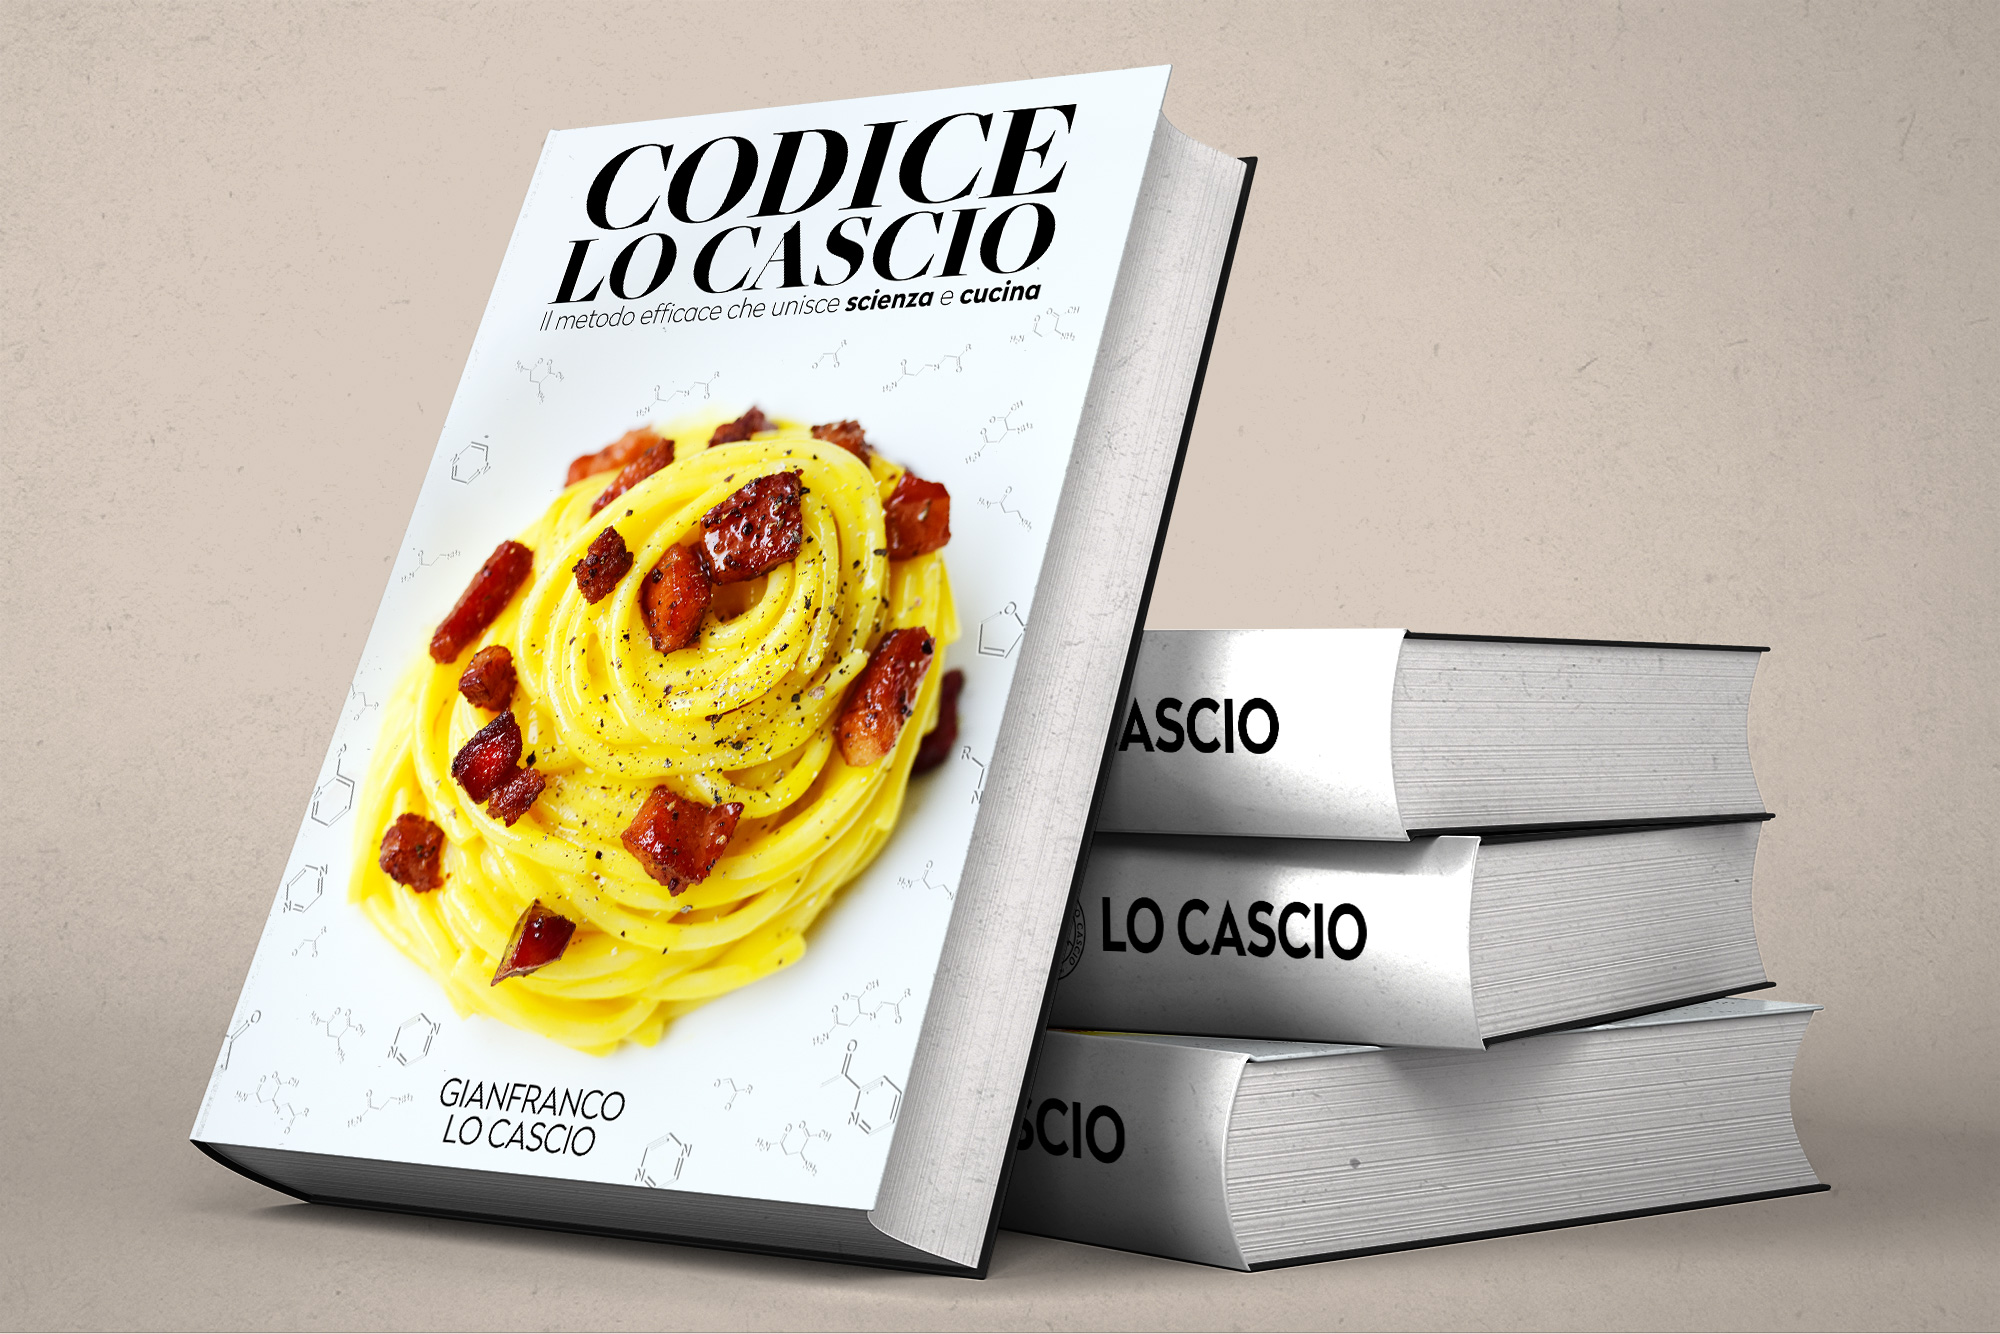 https://megastore.bbq4all.it/pages/glc-libro-codice-lo-cascio-2021